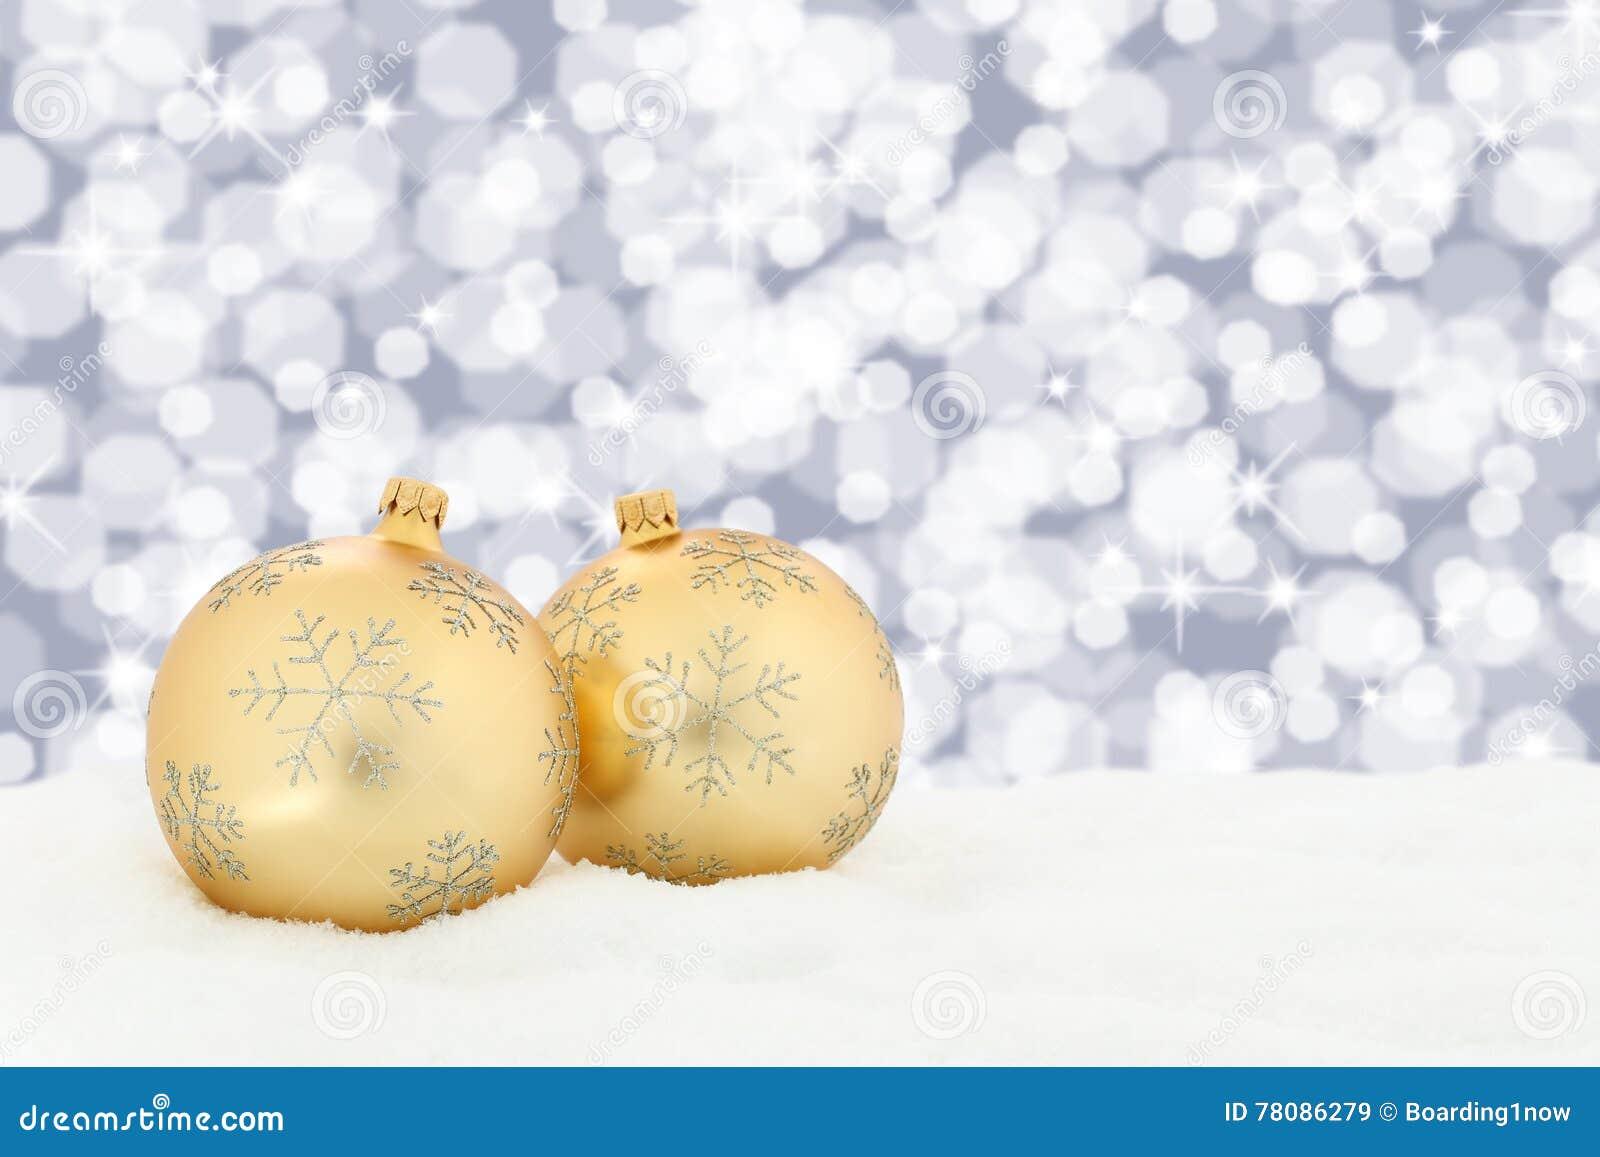 Van Kerstmis gouden ballen decoratie als achtergrond met sneeuwlichten